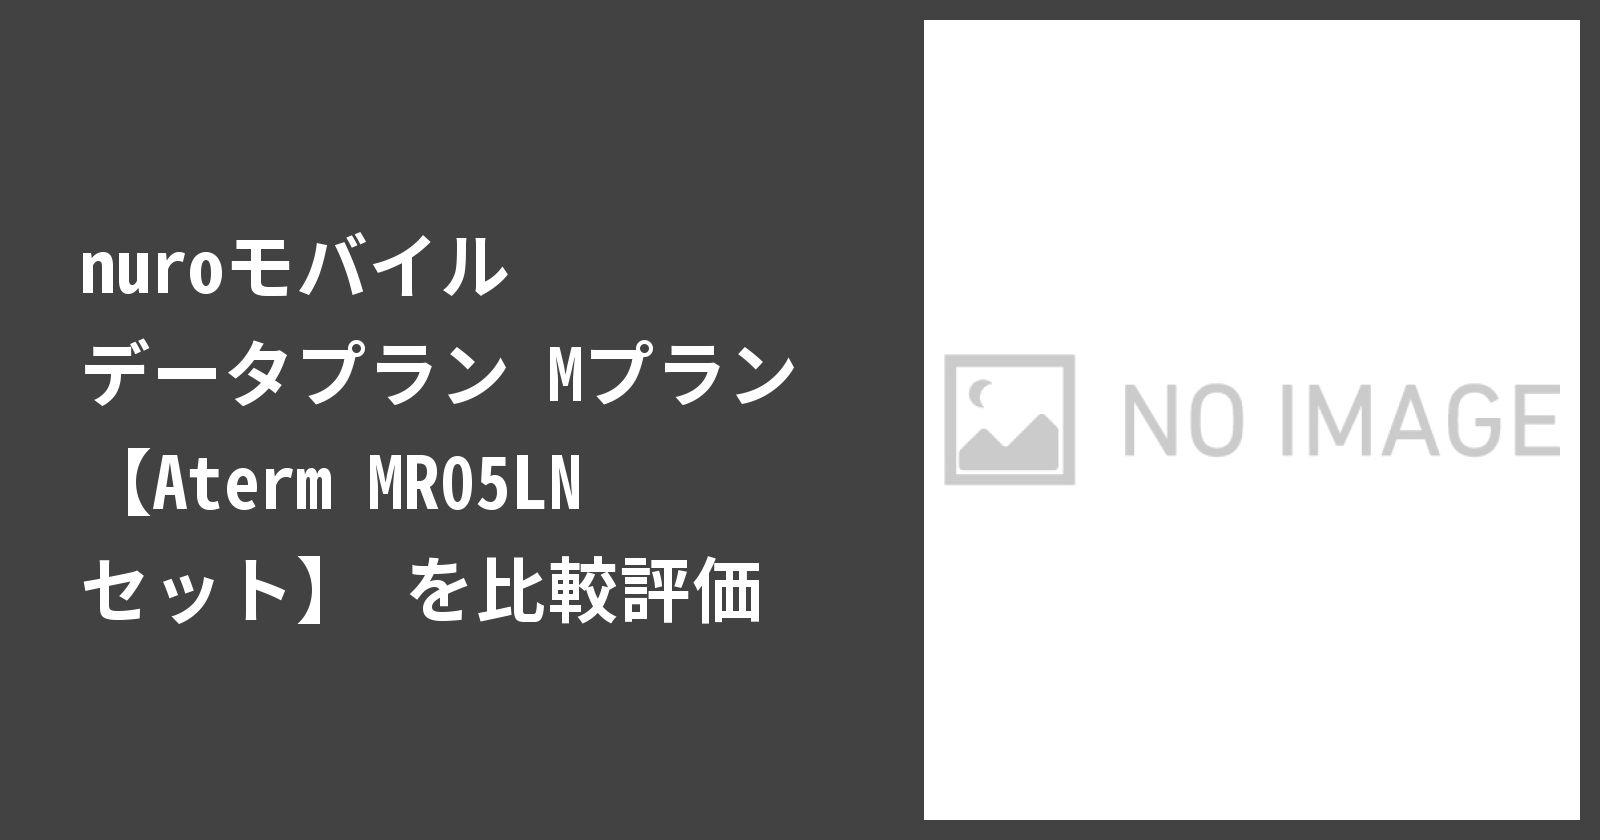 nuroモバイル データプラン Mプラン 【Aterm MR05LN セット】を徹底評価